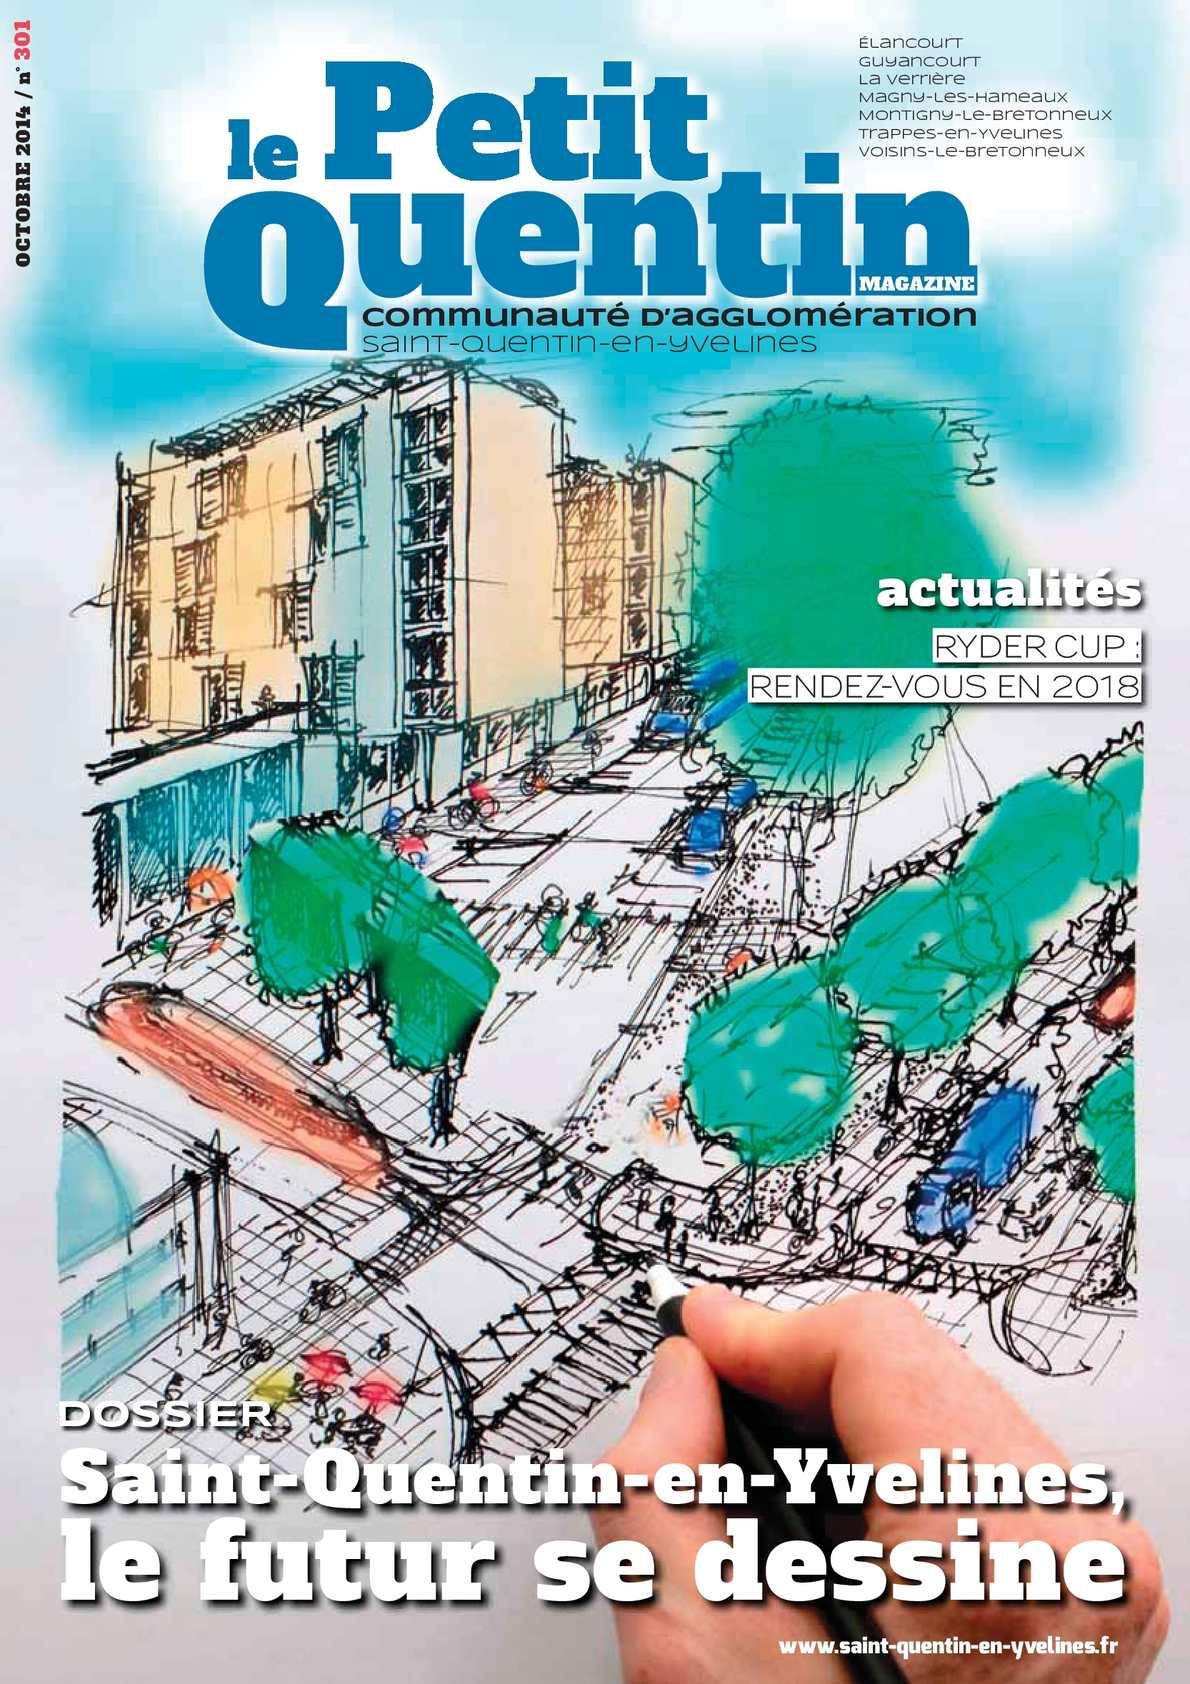 voisin le bretonneux map